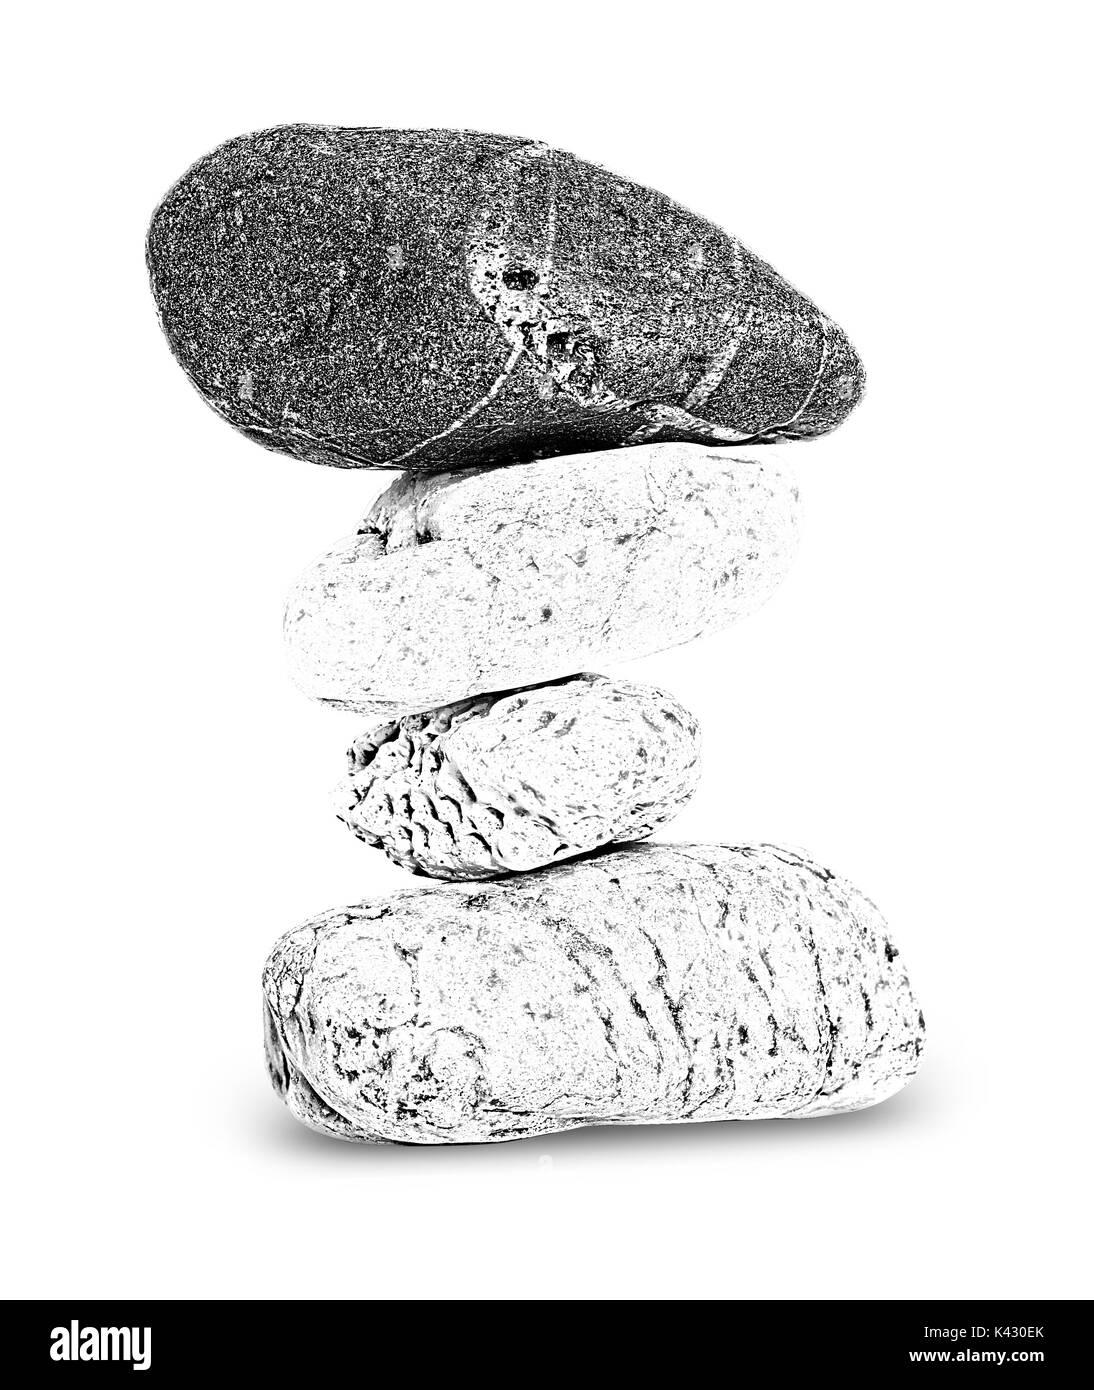 Balancing stone tower on white background - stone pyramid - Stock Image